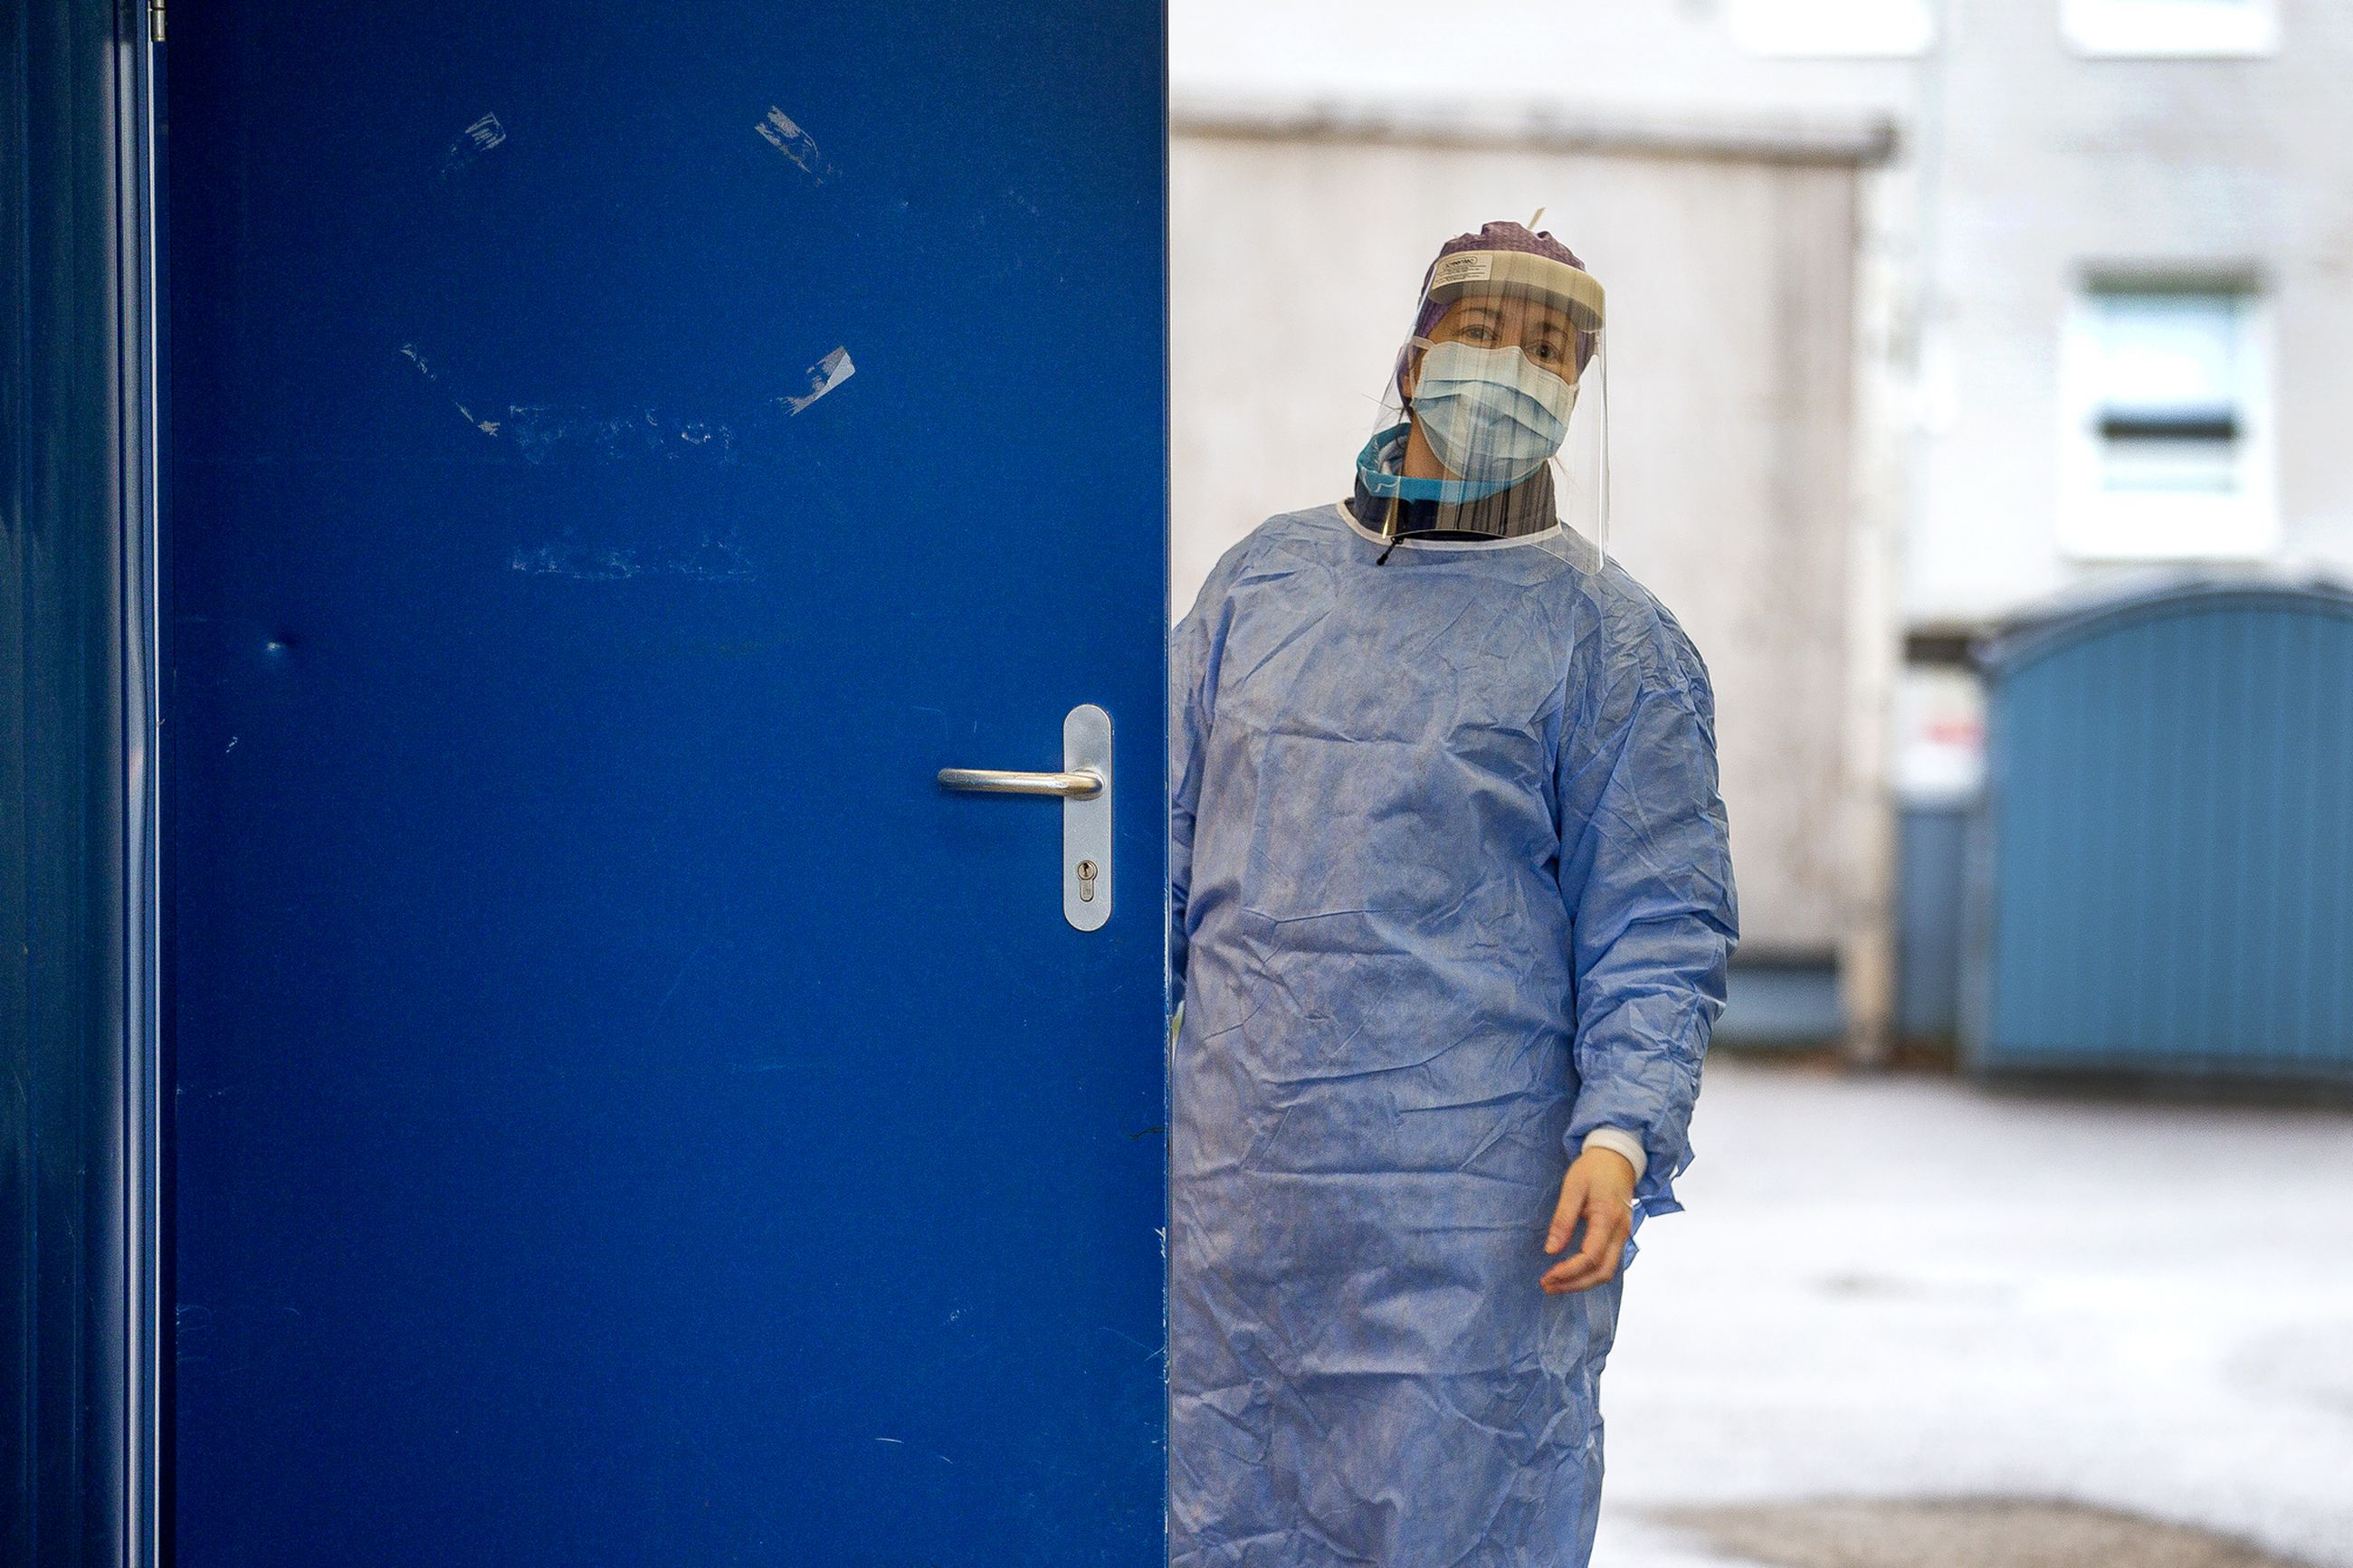 Arkistokuva Raahen sairaalan näytteenottopaikalta. Raahessa uusia tartuntoja havaittiin kolme.